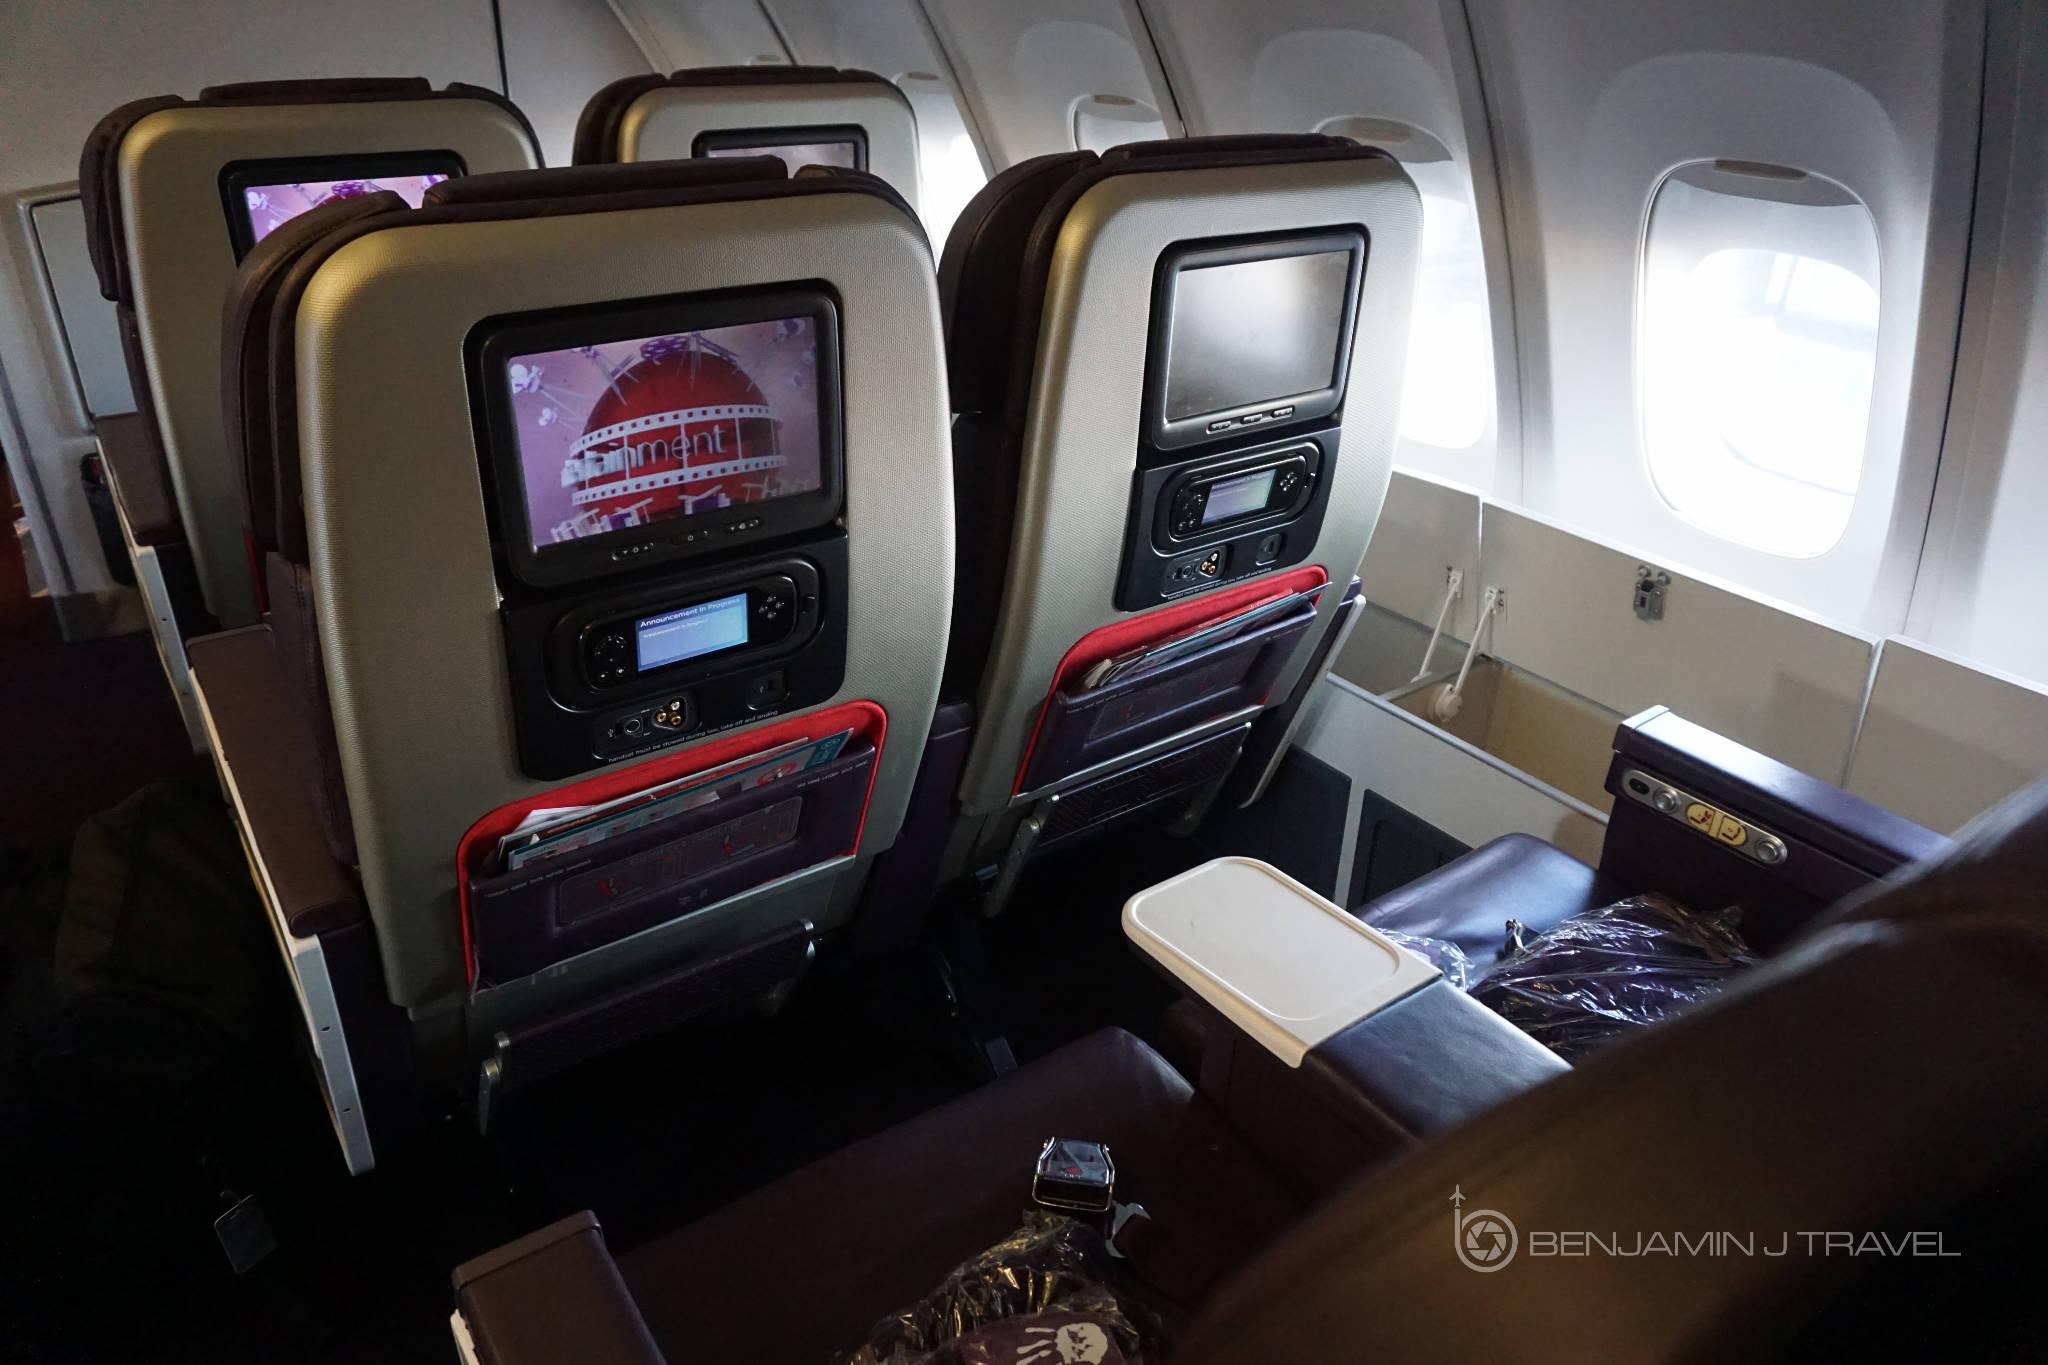 Virgin Atlantic 747 Upper Deck 9 000 Tweet Deck